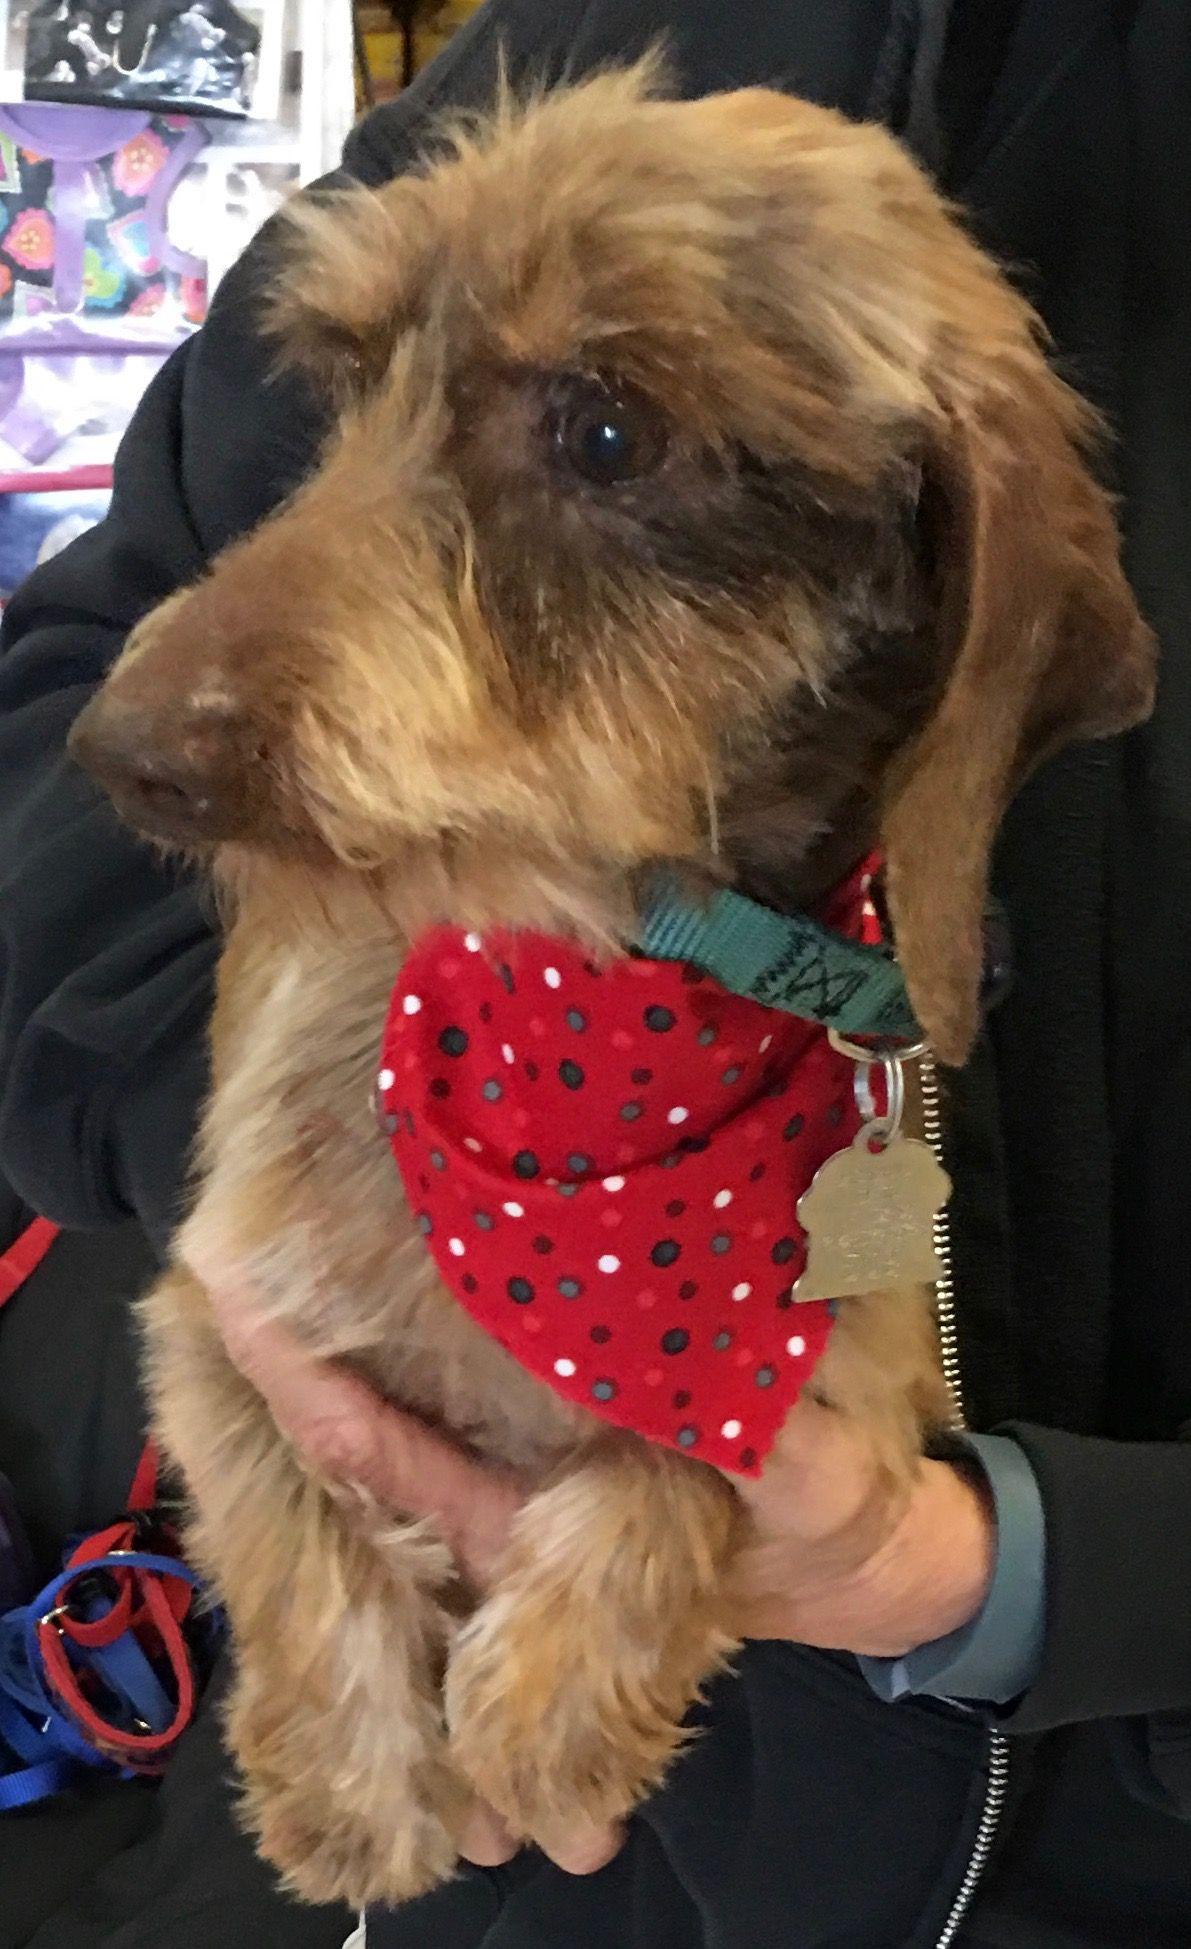 Dachshund dog for Adoption in Dallas, TX. ADN216391 on